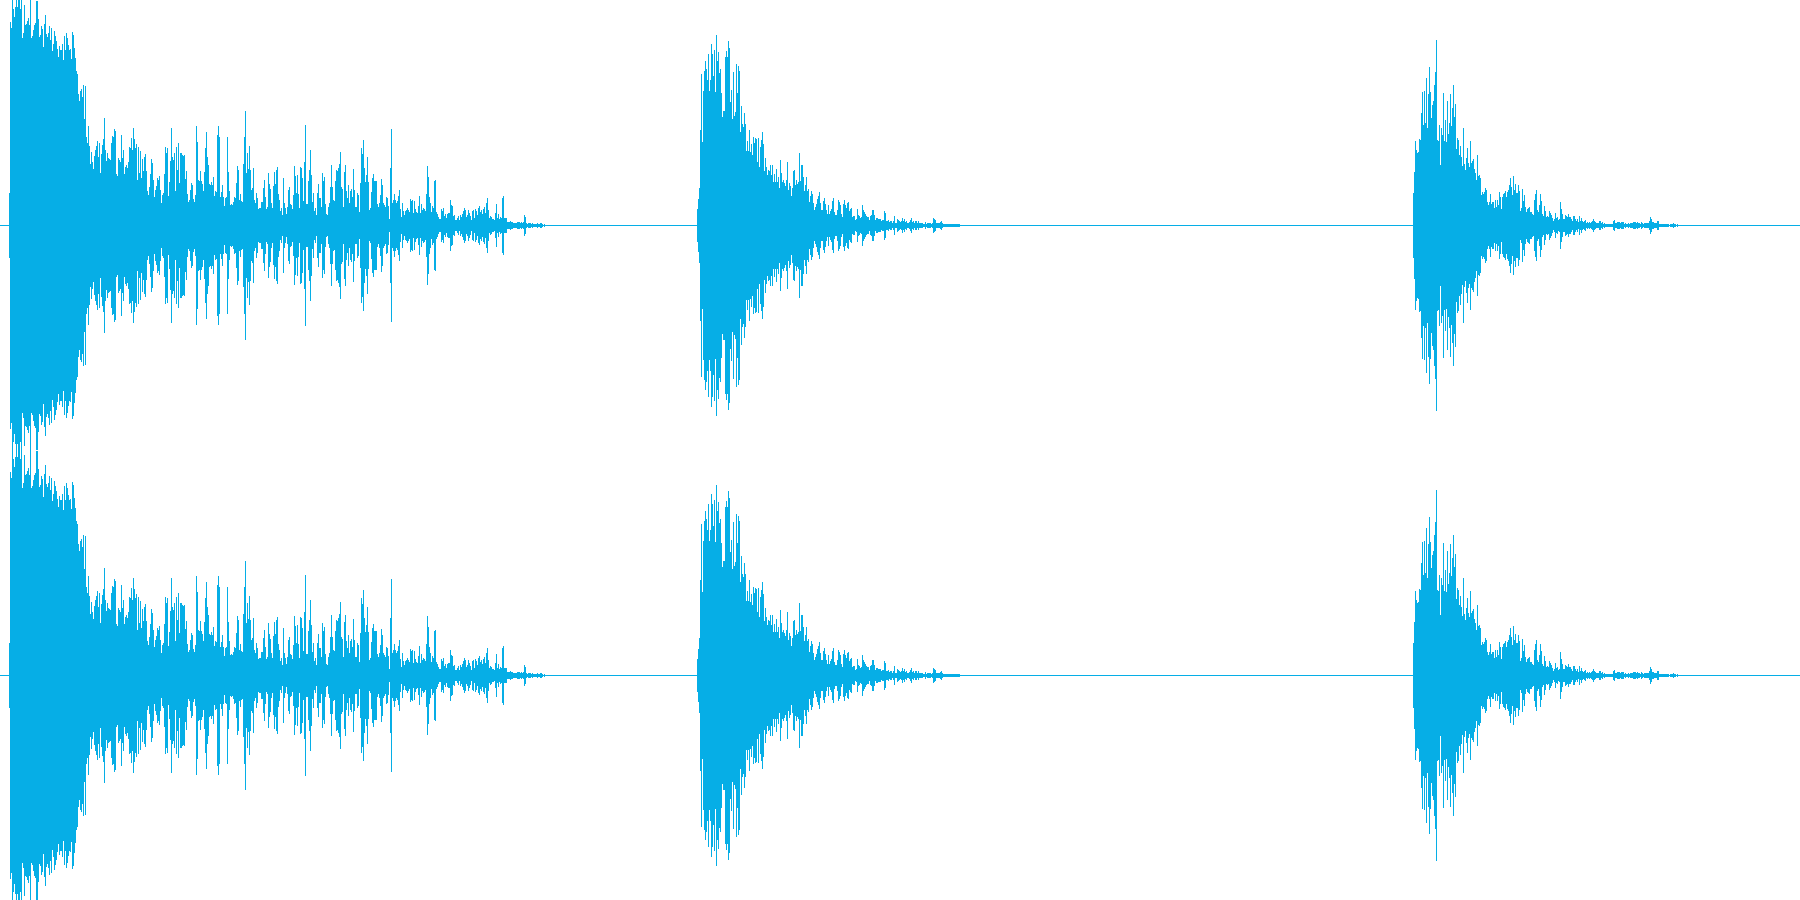 サンダー2の再生済みの波形